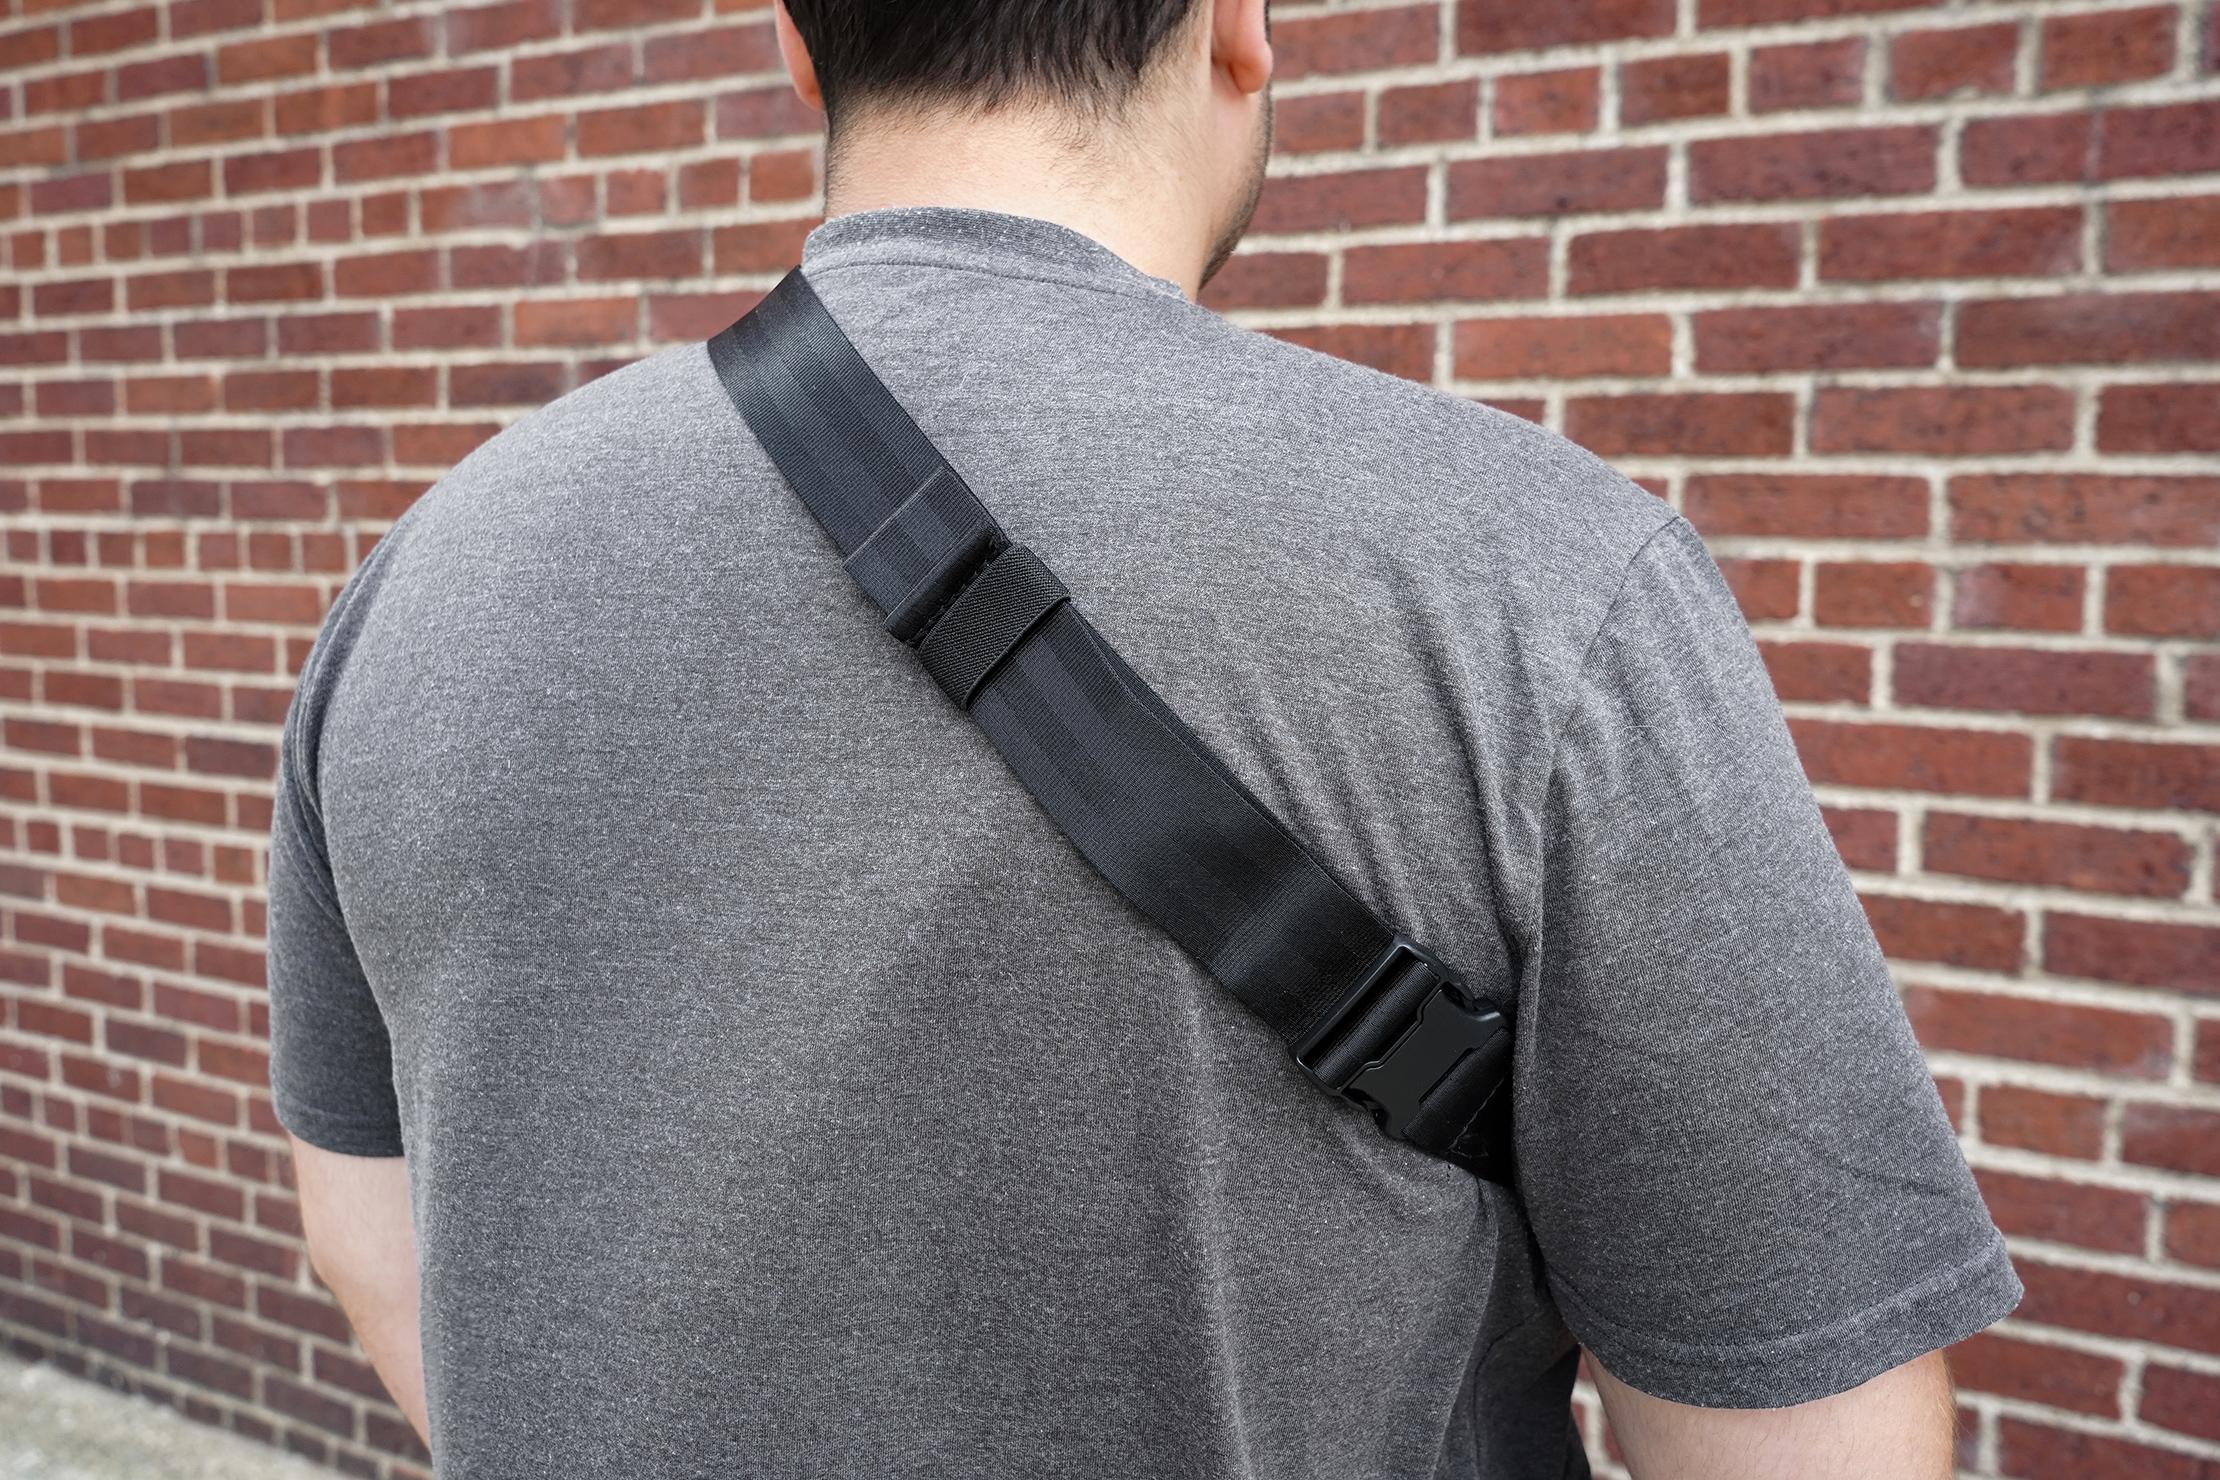 CamelBak Pivot Sling & Waist Pack Strap